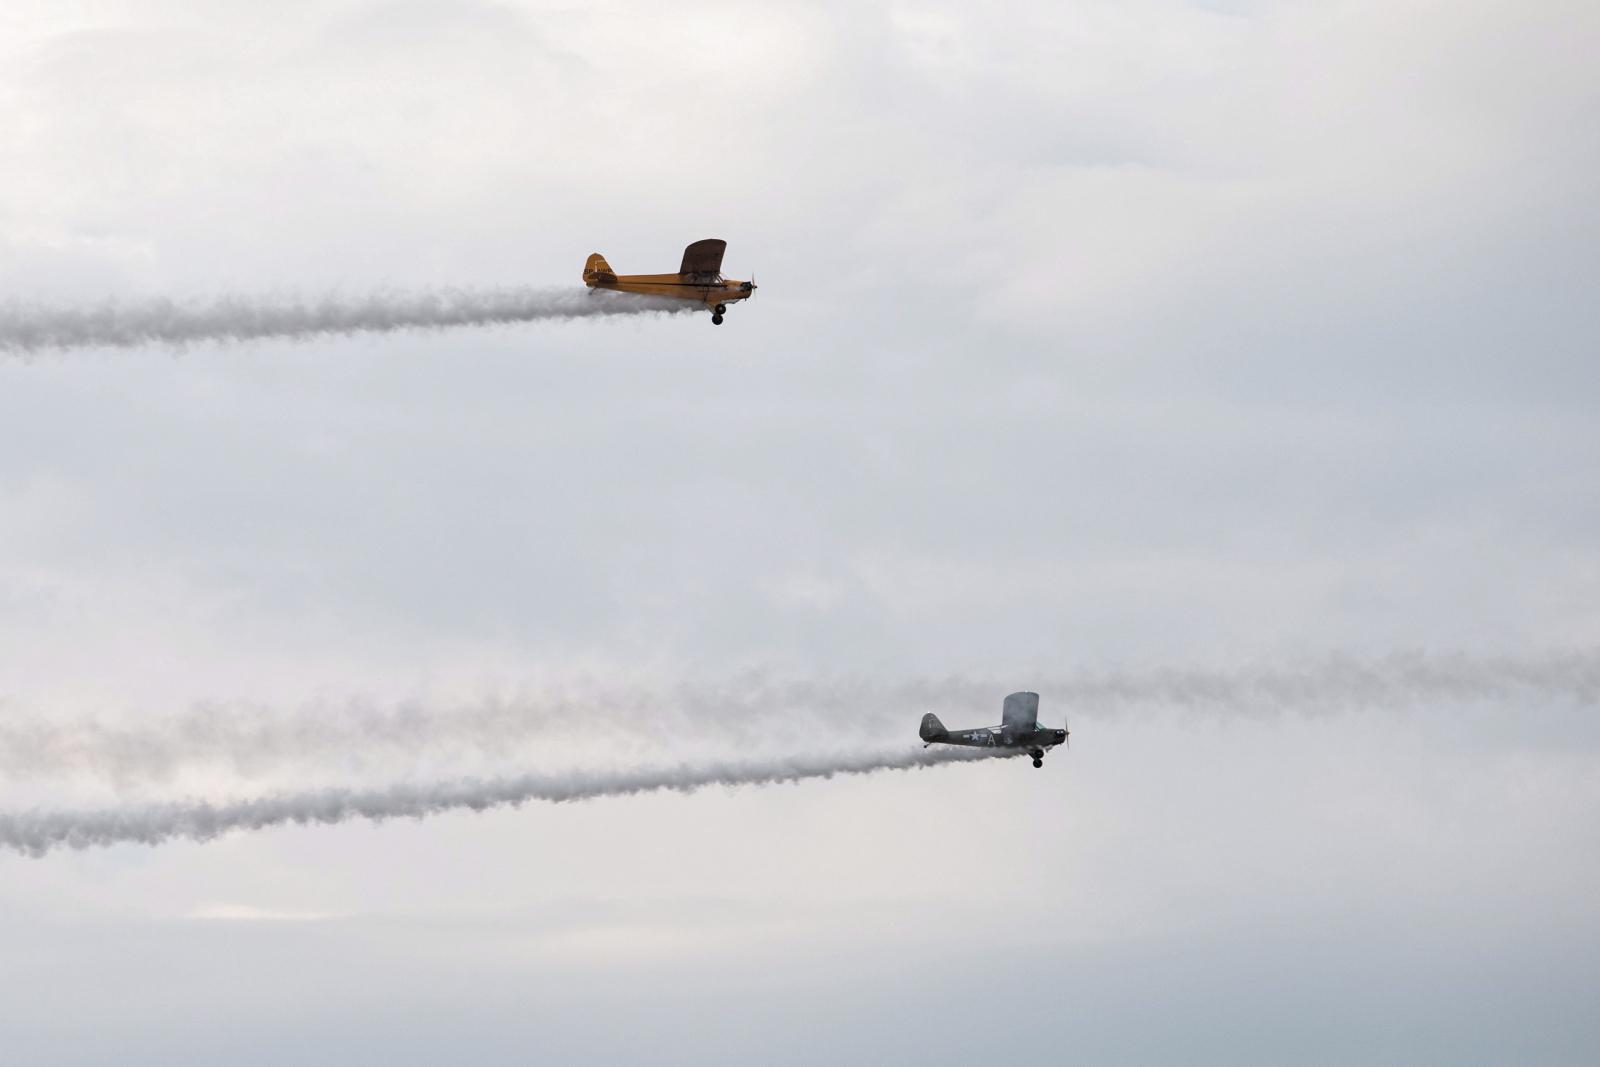 Prezentacja samolotu Piper Cub. II edycja pokazów lotniczych Œwidnik Air Festival, 8 bm. na trawiastym lotnisku w Œwidniku. Fot. PAP/Wojtek Jargiło